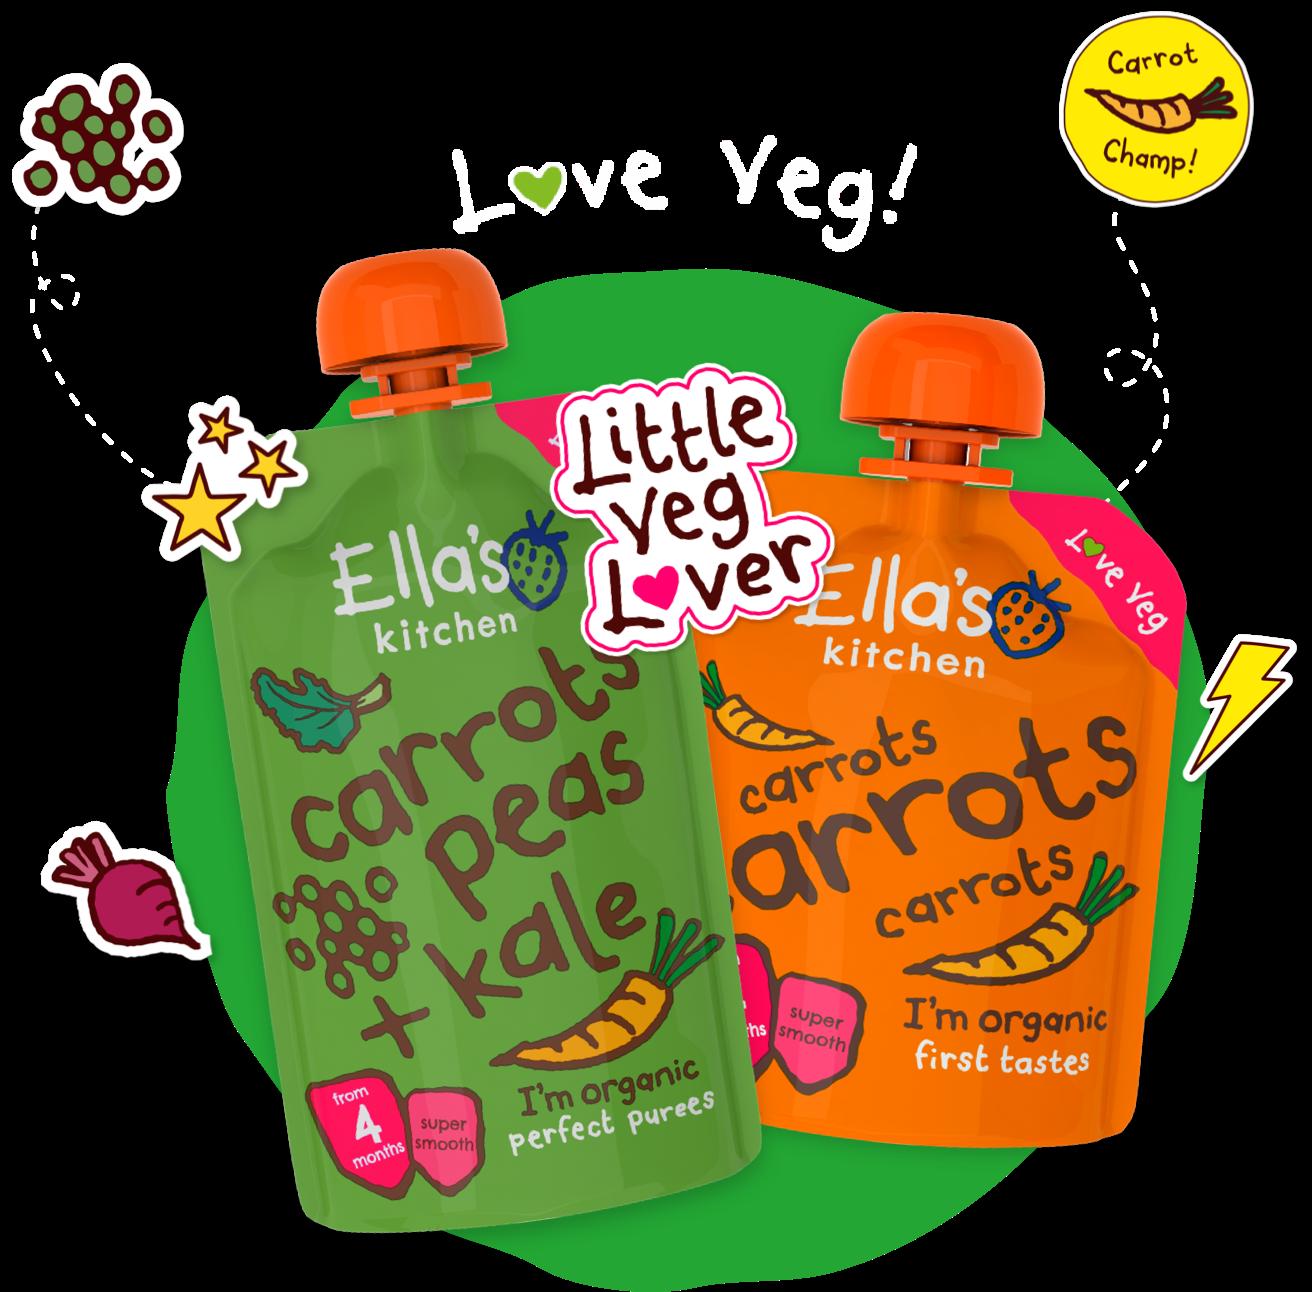 Hero image for 'Love veg' range